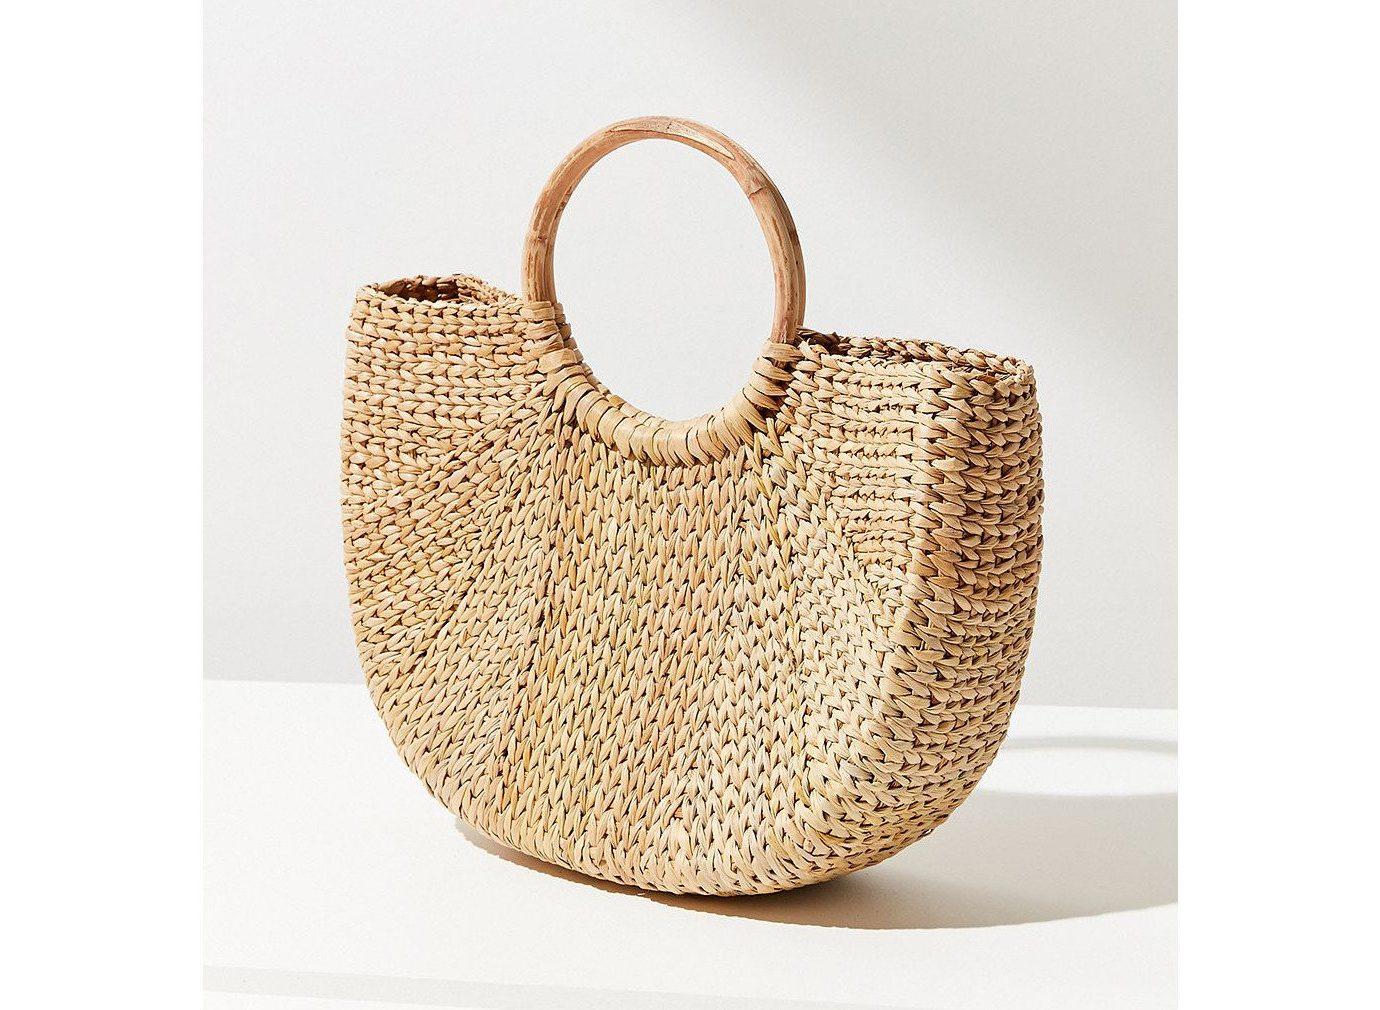 Packing Tips Style + Design Travel Shop handbag bag shoulder bag product basket wicker product design beige